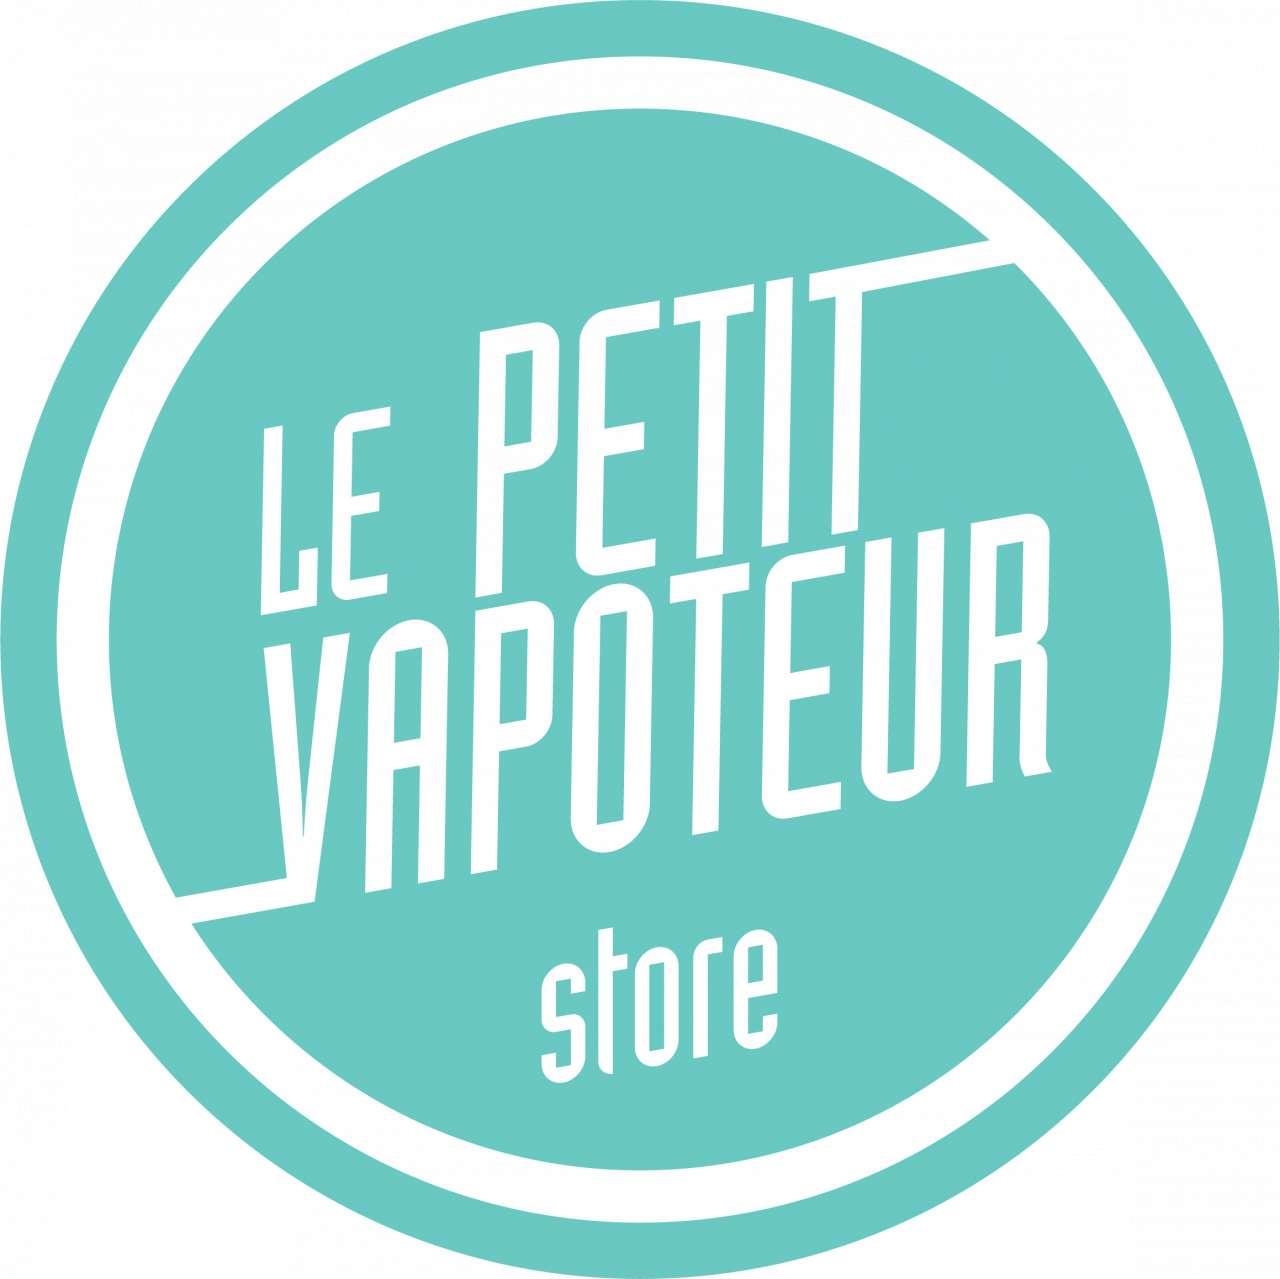 Boutique de vape spécialisée LE PETIT VAPOTEUR STORE située à ORLéANS